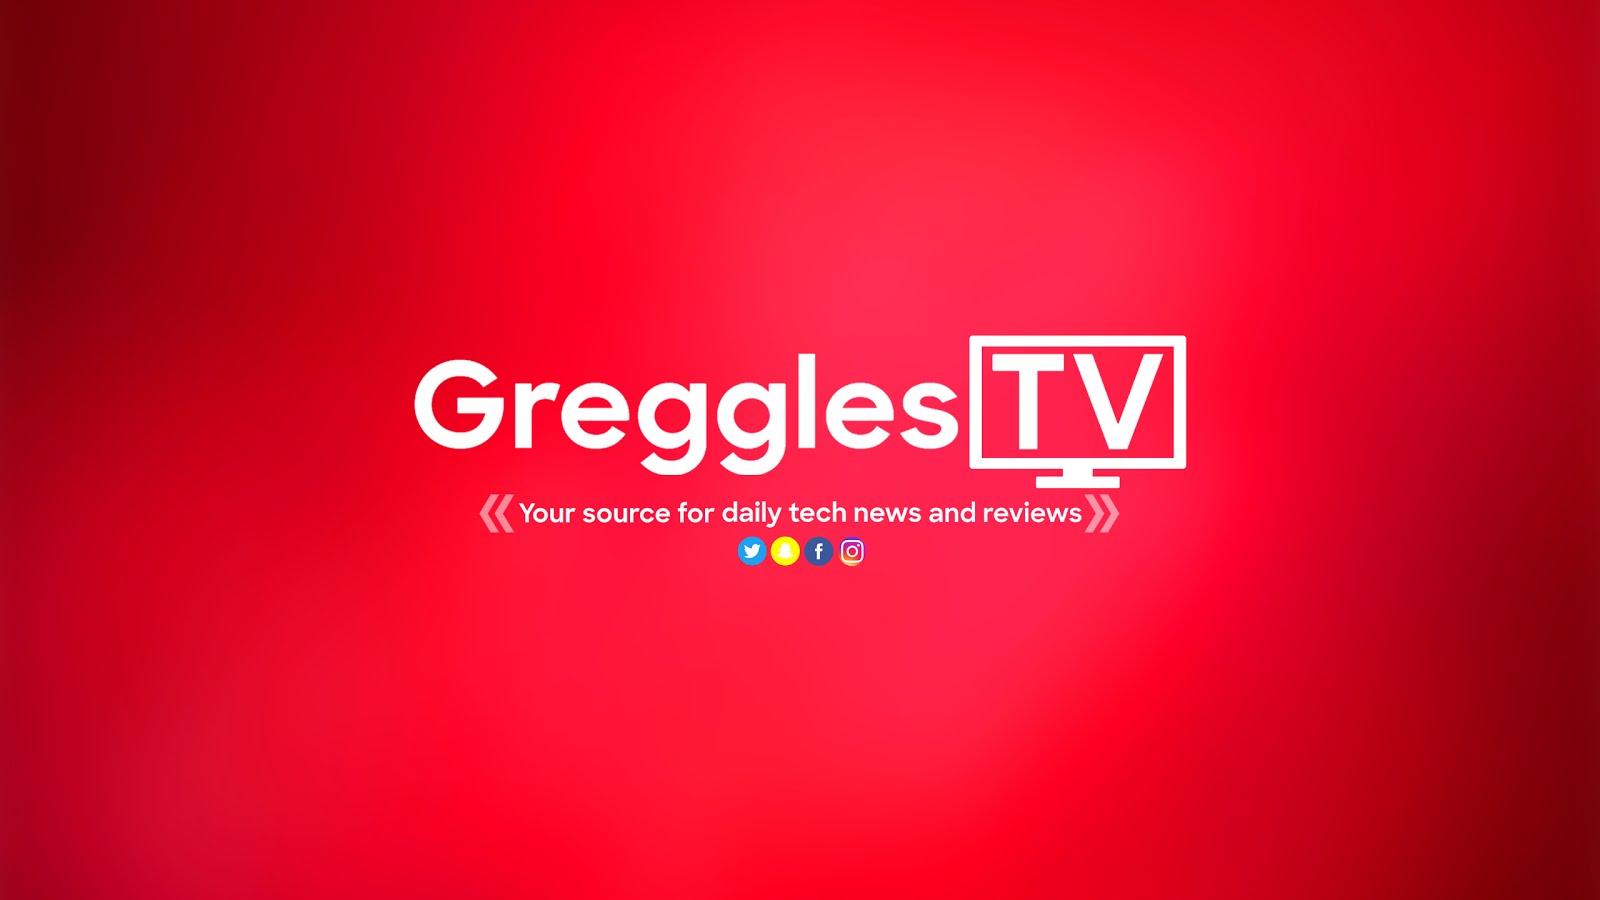 GregglesTV.com